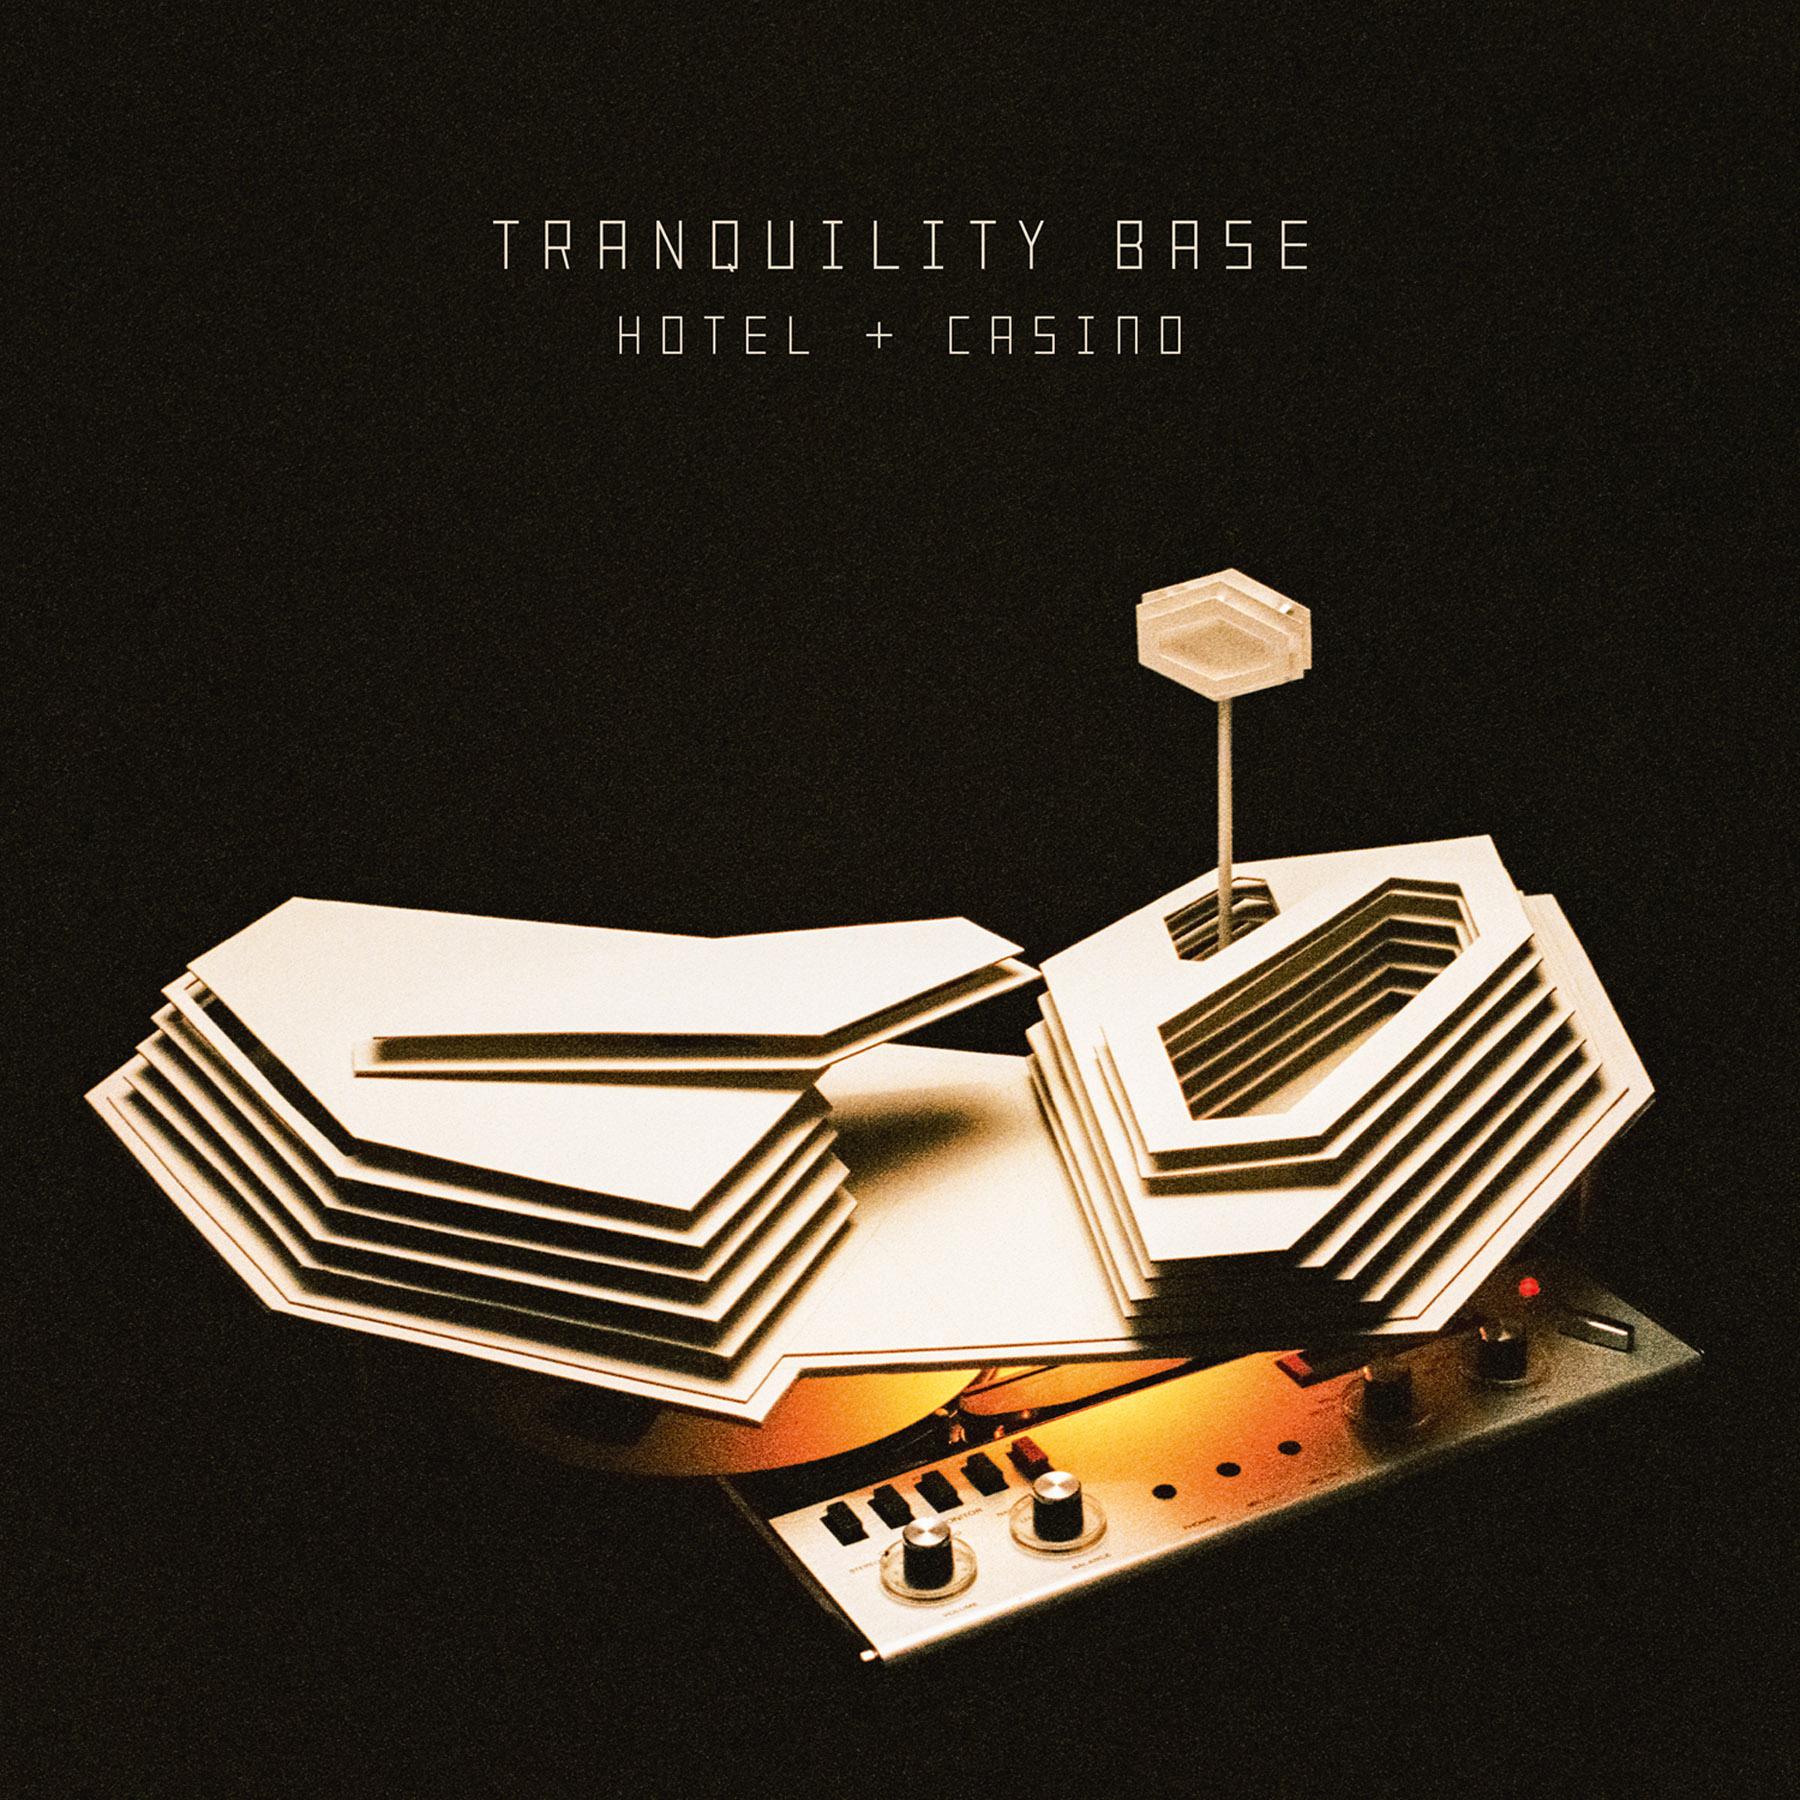 Trquility Base Hotel & Casino